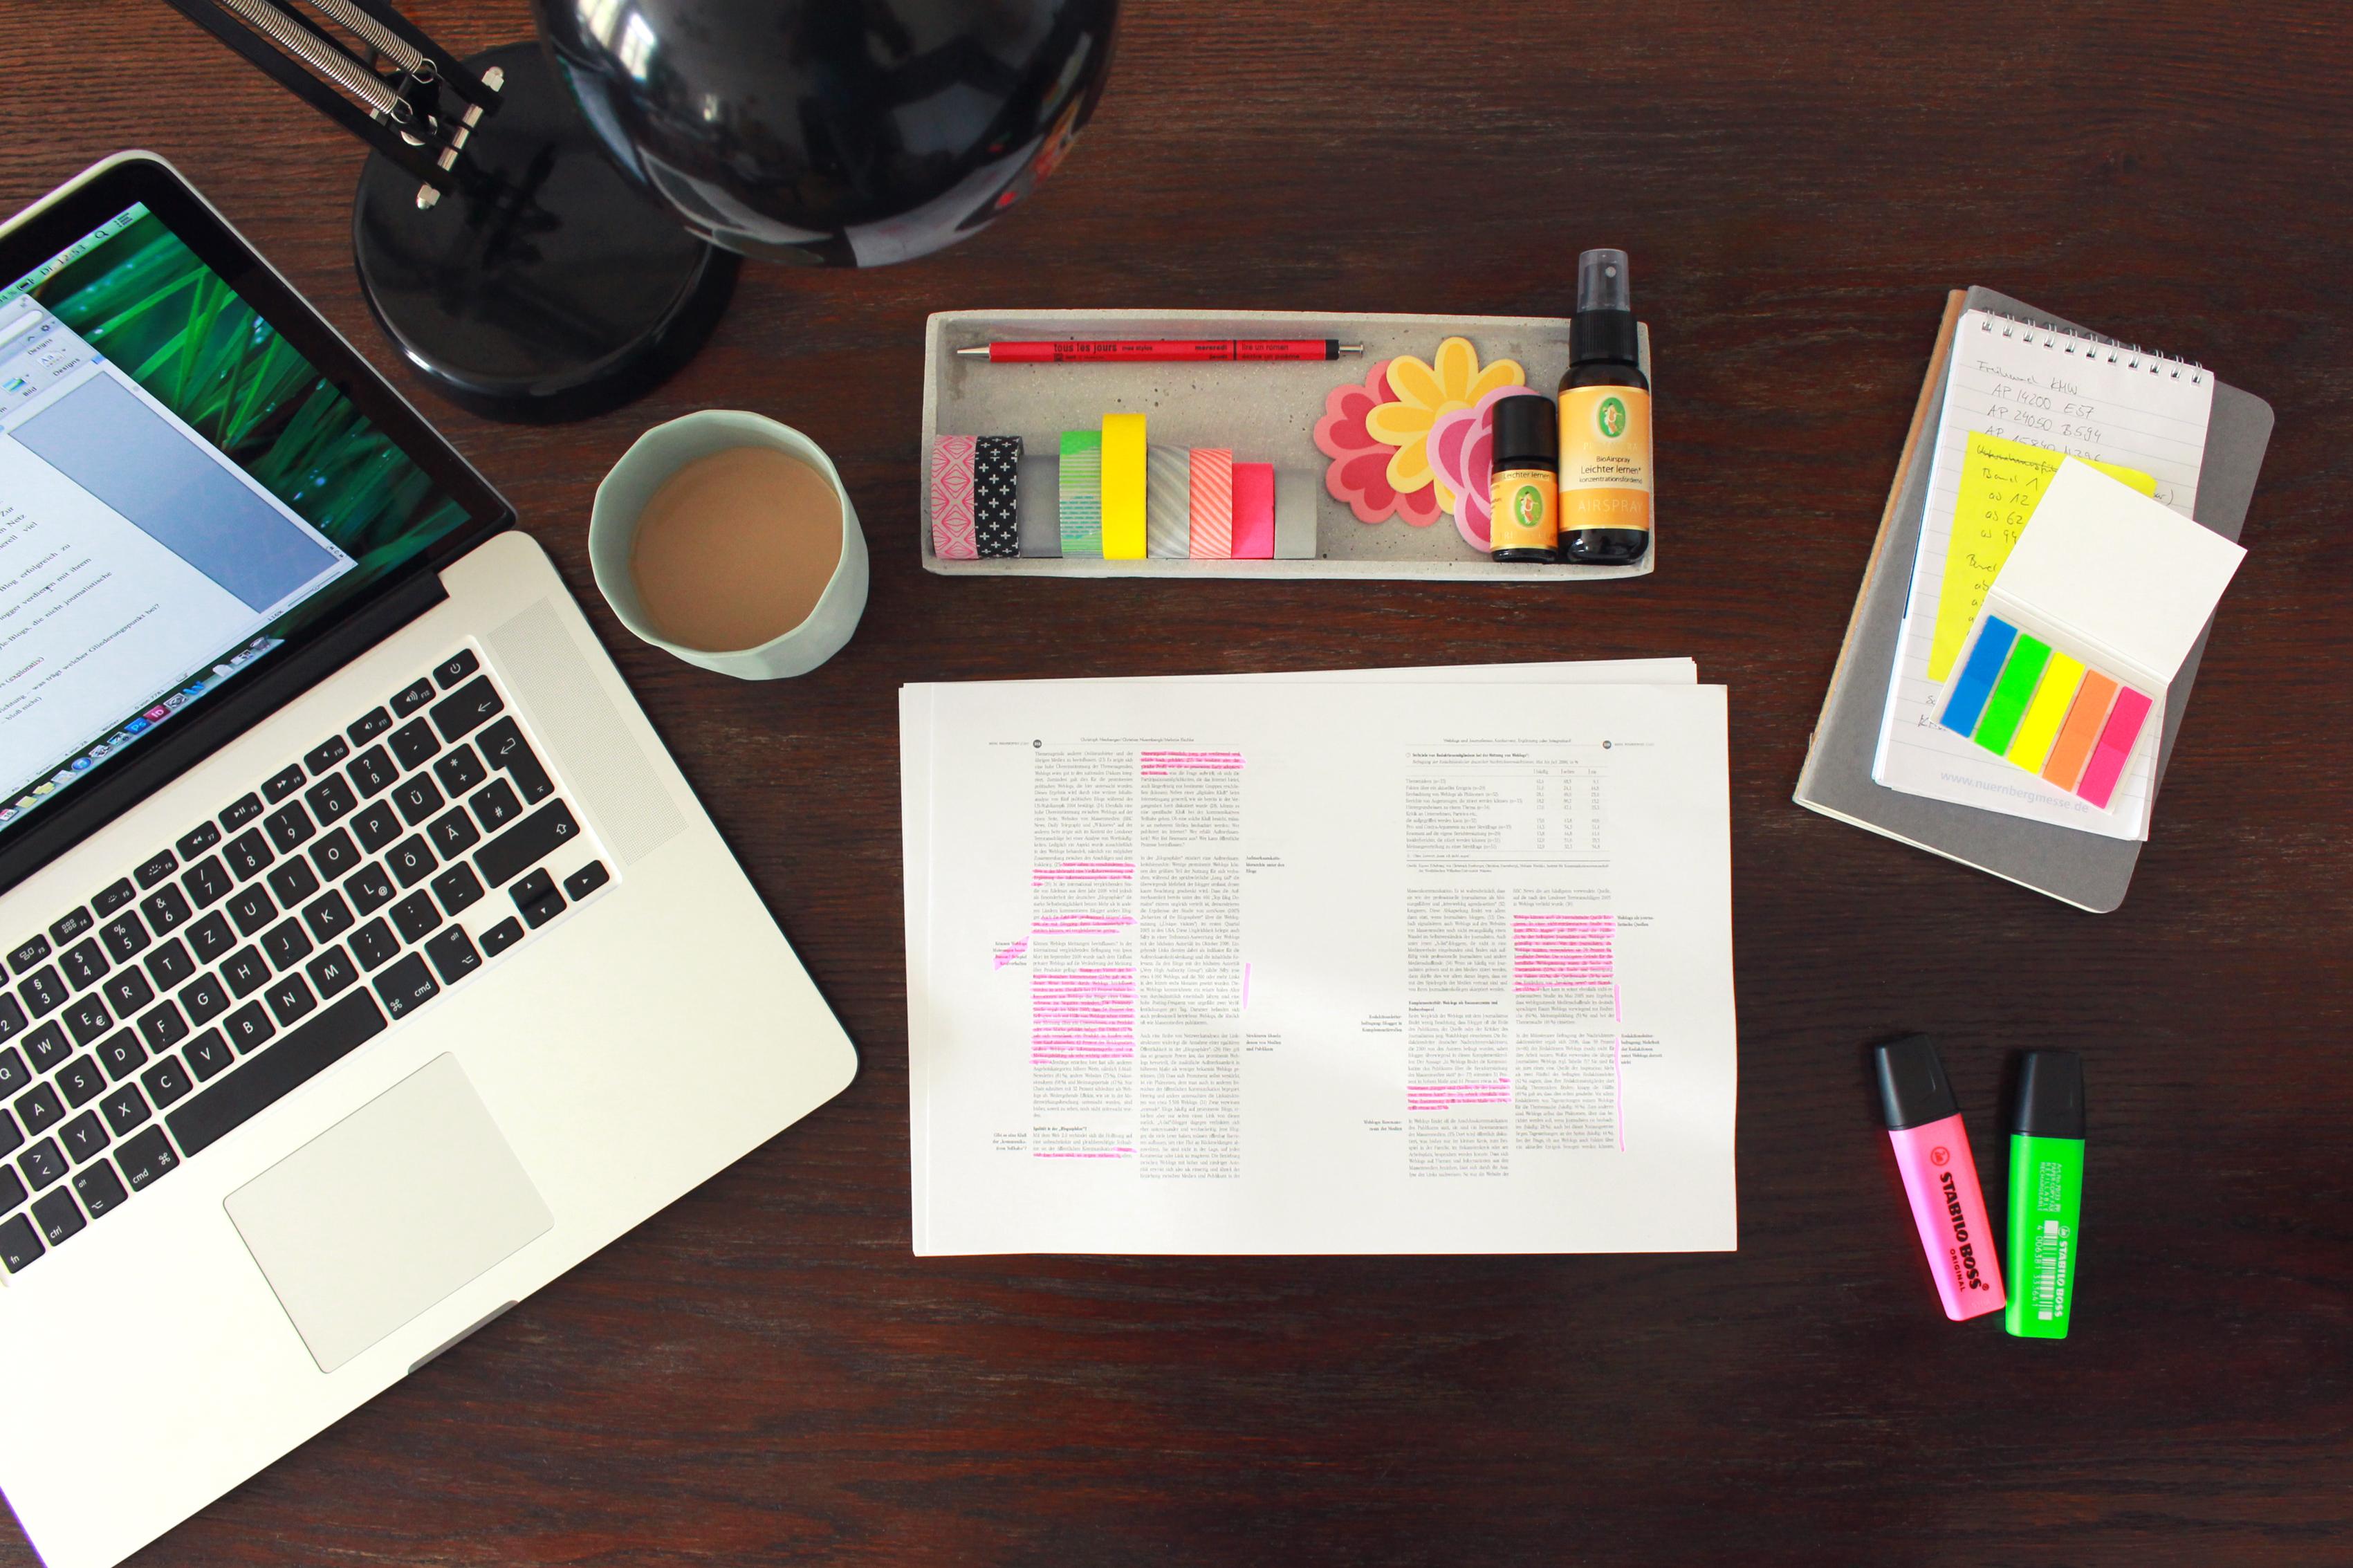 primavera-leichter-lernen-desk